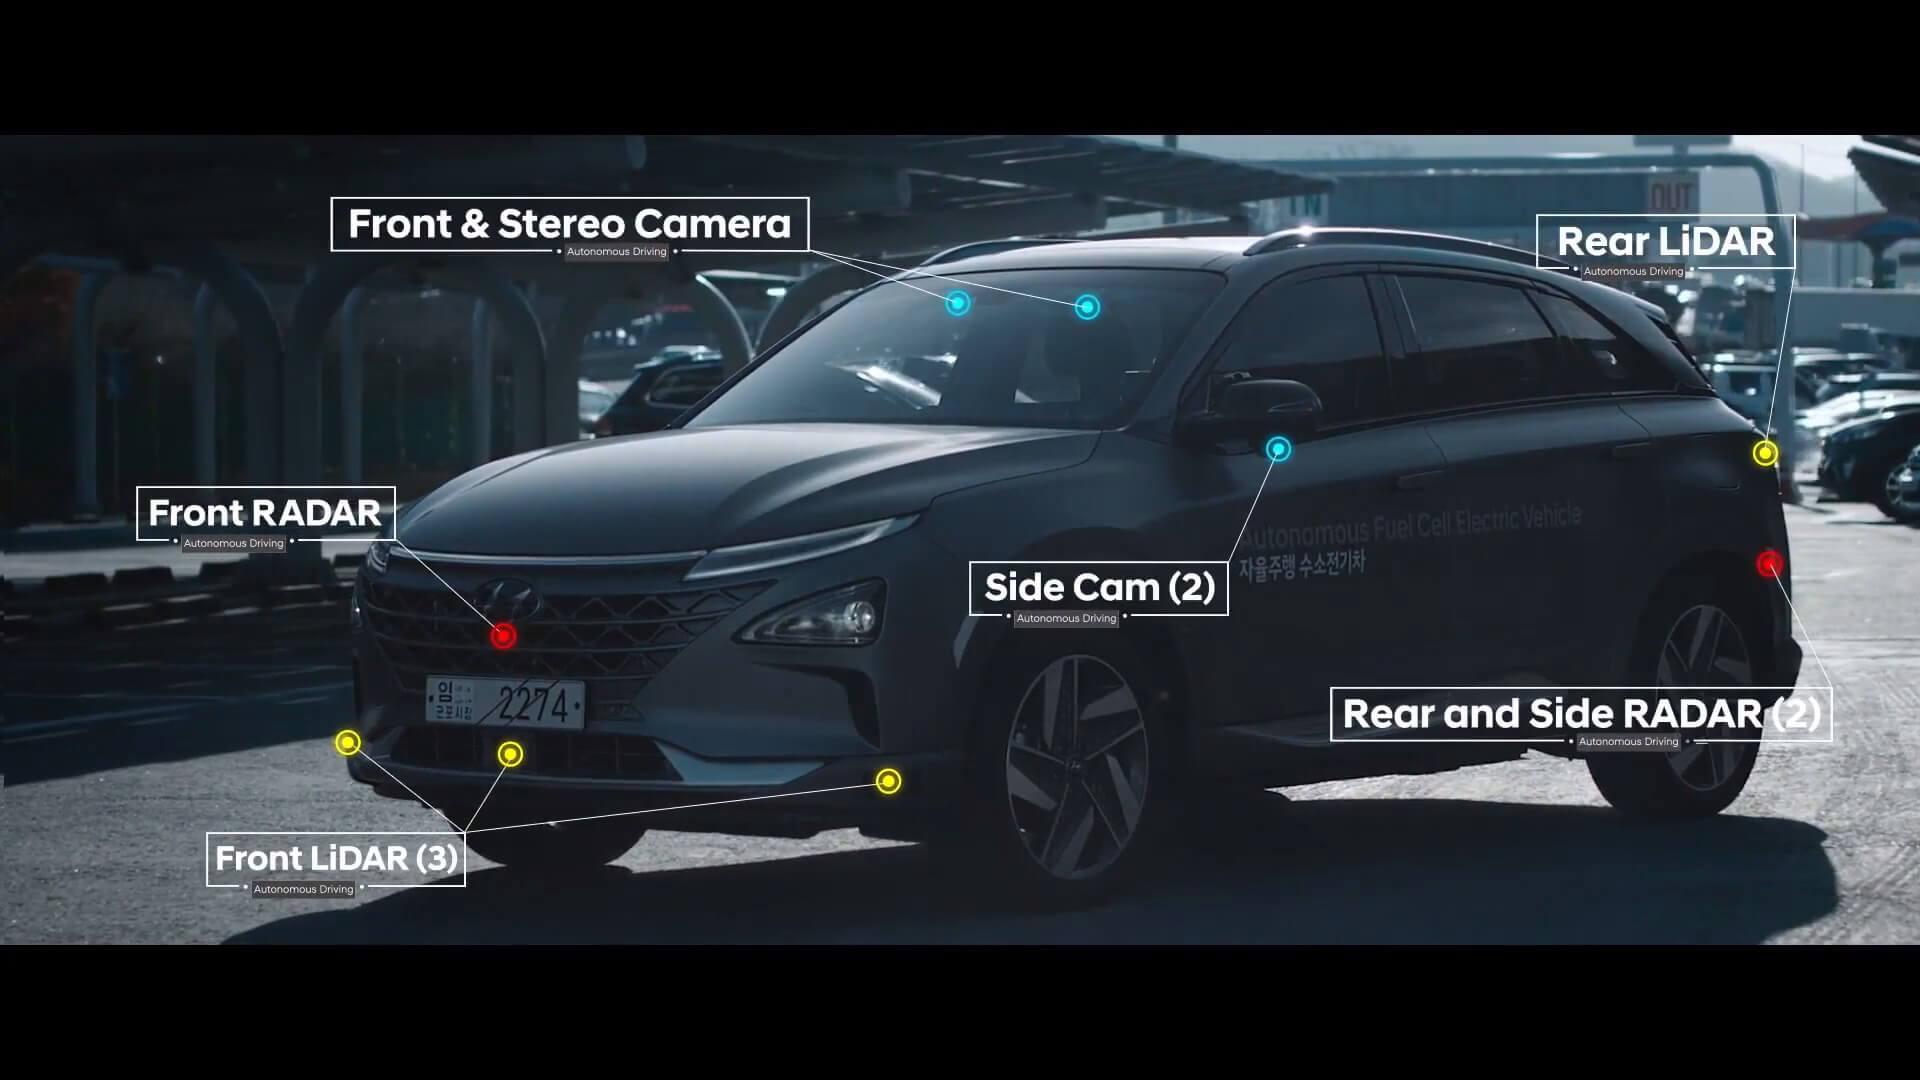 Камеры, датчики и лидары в Hyundai NEXO